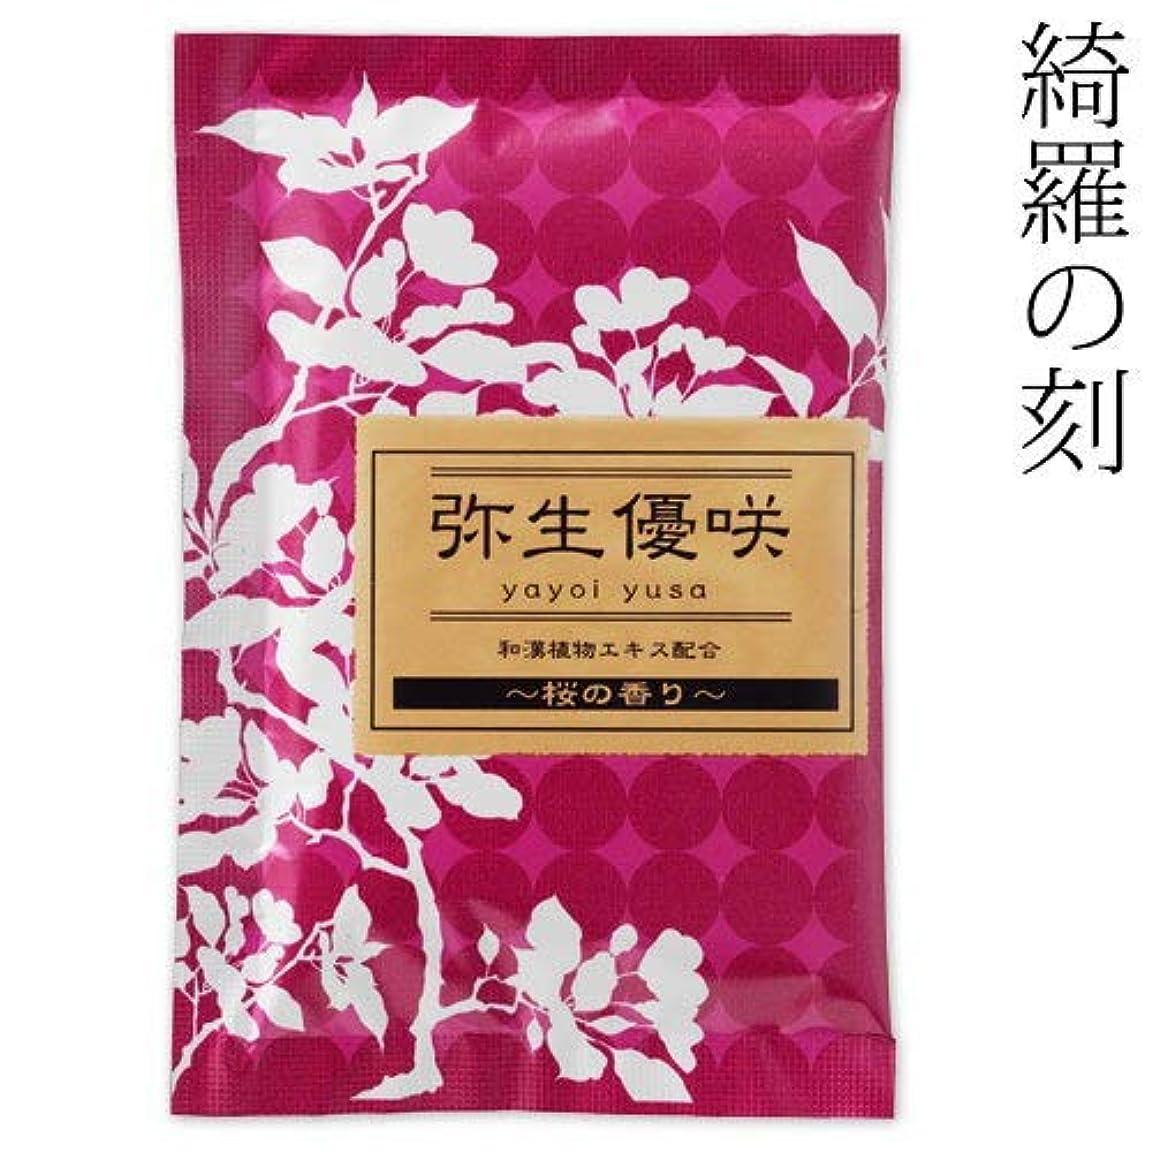 道を作るバンカー反逆入浴剤綺羅の刻桜の香り弥生優咲1包石川県のお風呂グッズBath additive, Ishikawa craft